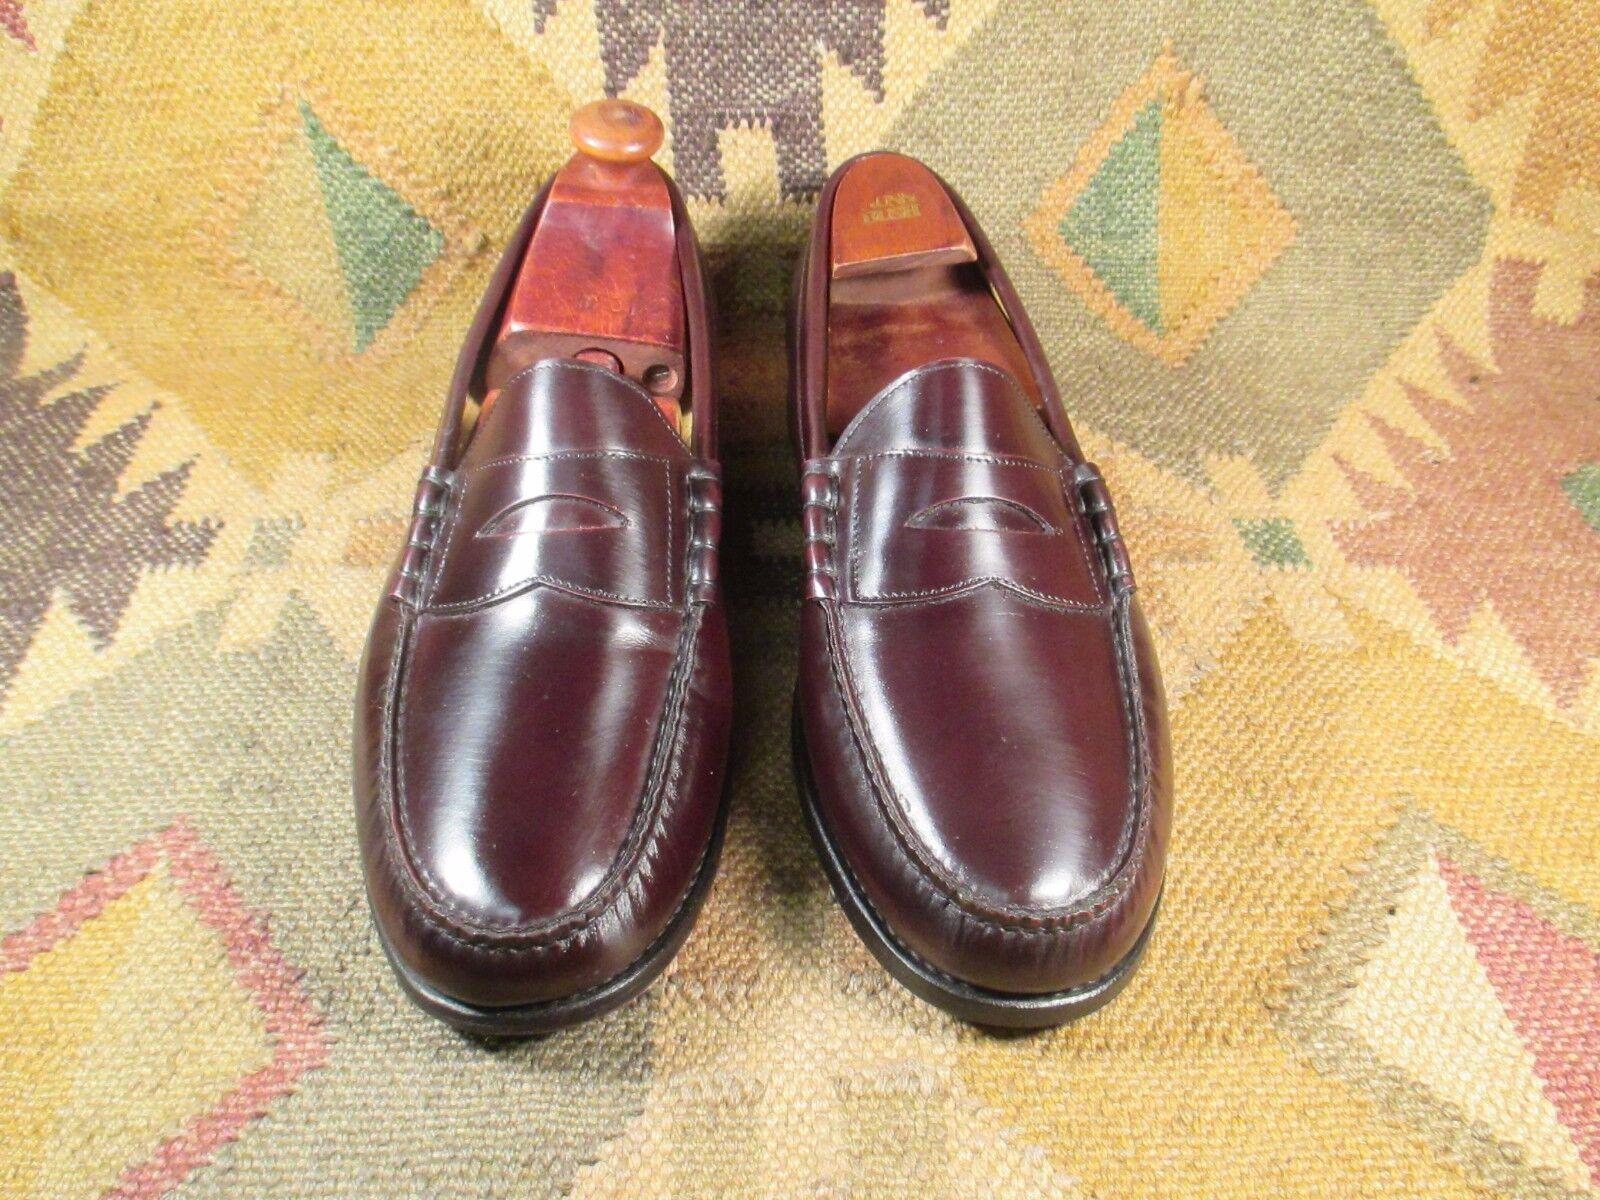 Bostonian Moccasin   Penny Loafers Burgundy Leather sautope Dimensione 12D fatto In India Sautope classeiche da uomo